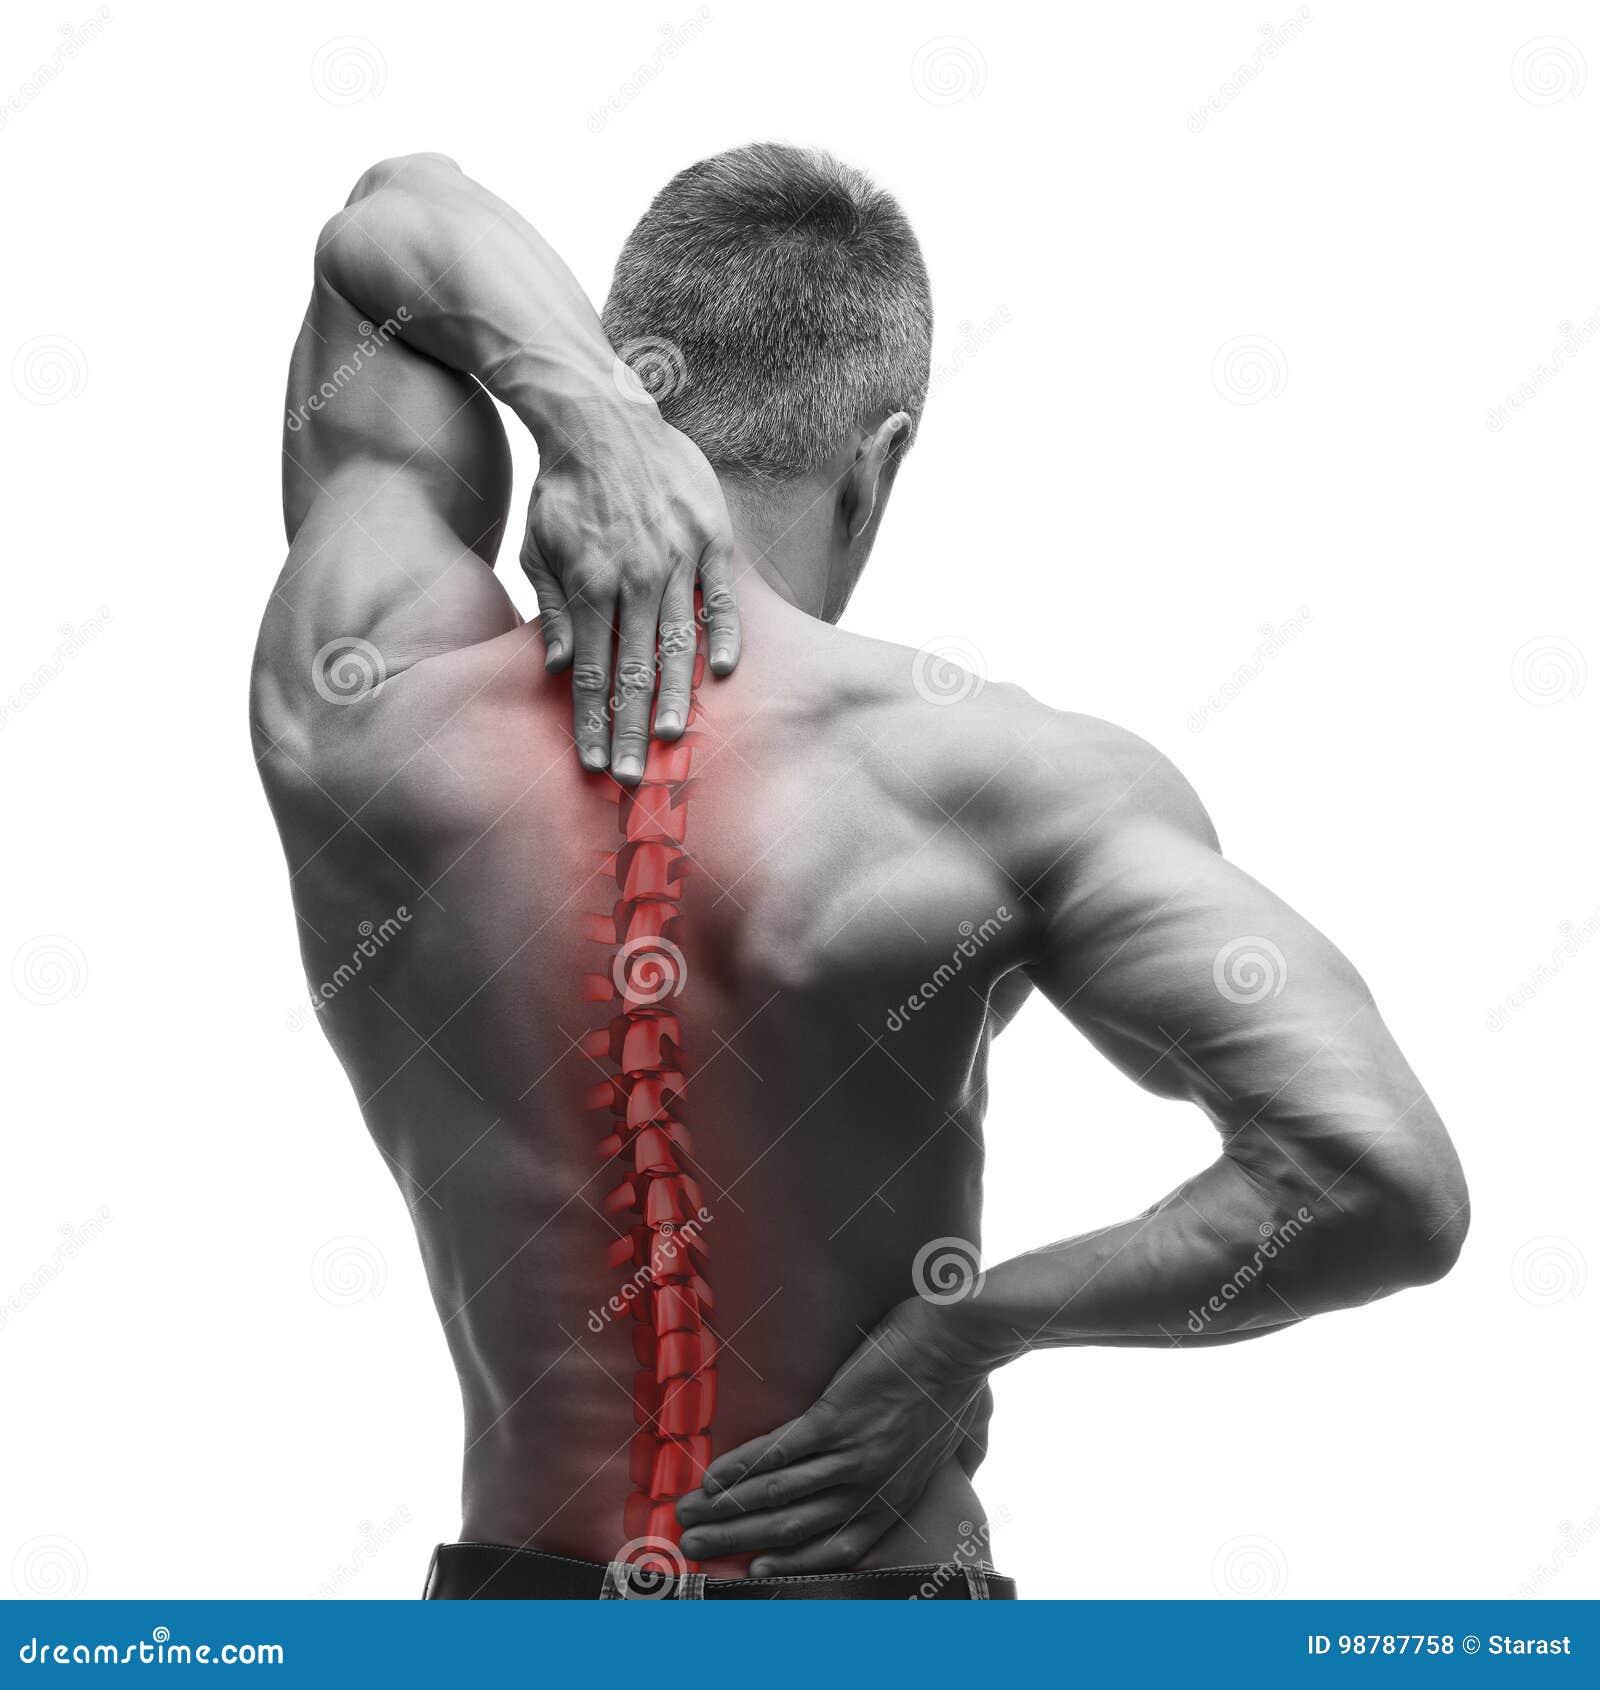 Kręgosłupa ból, mężczyzna z backache i obolałość w szyi, czarny i biały fotografia z czerwonym kręgosłupem